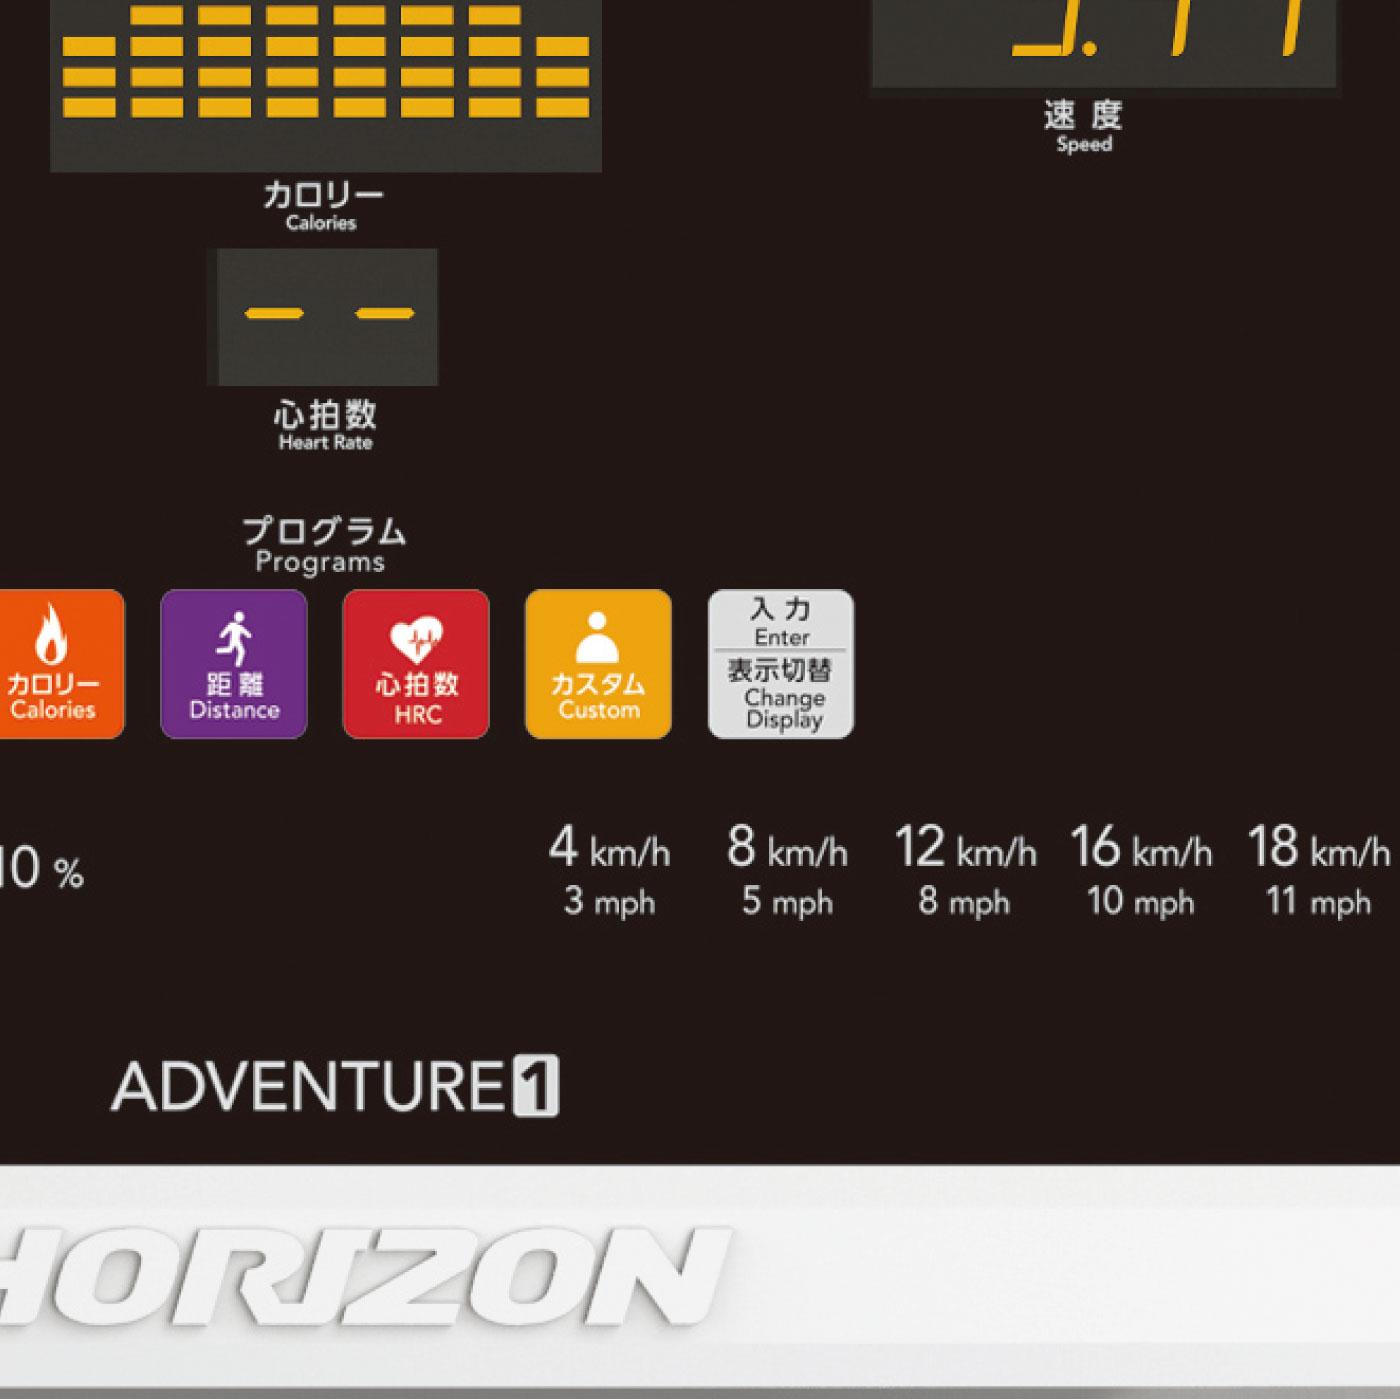 Adventure1/家庭用ルームランナー〈HORIZON〉《ジョンソンヘルステック》